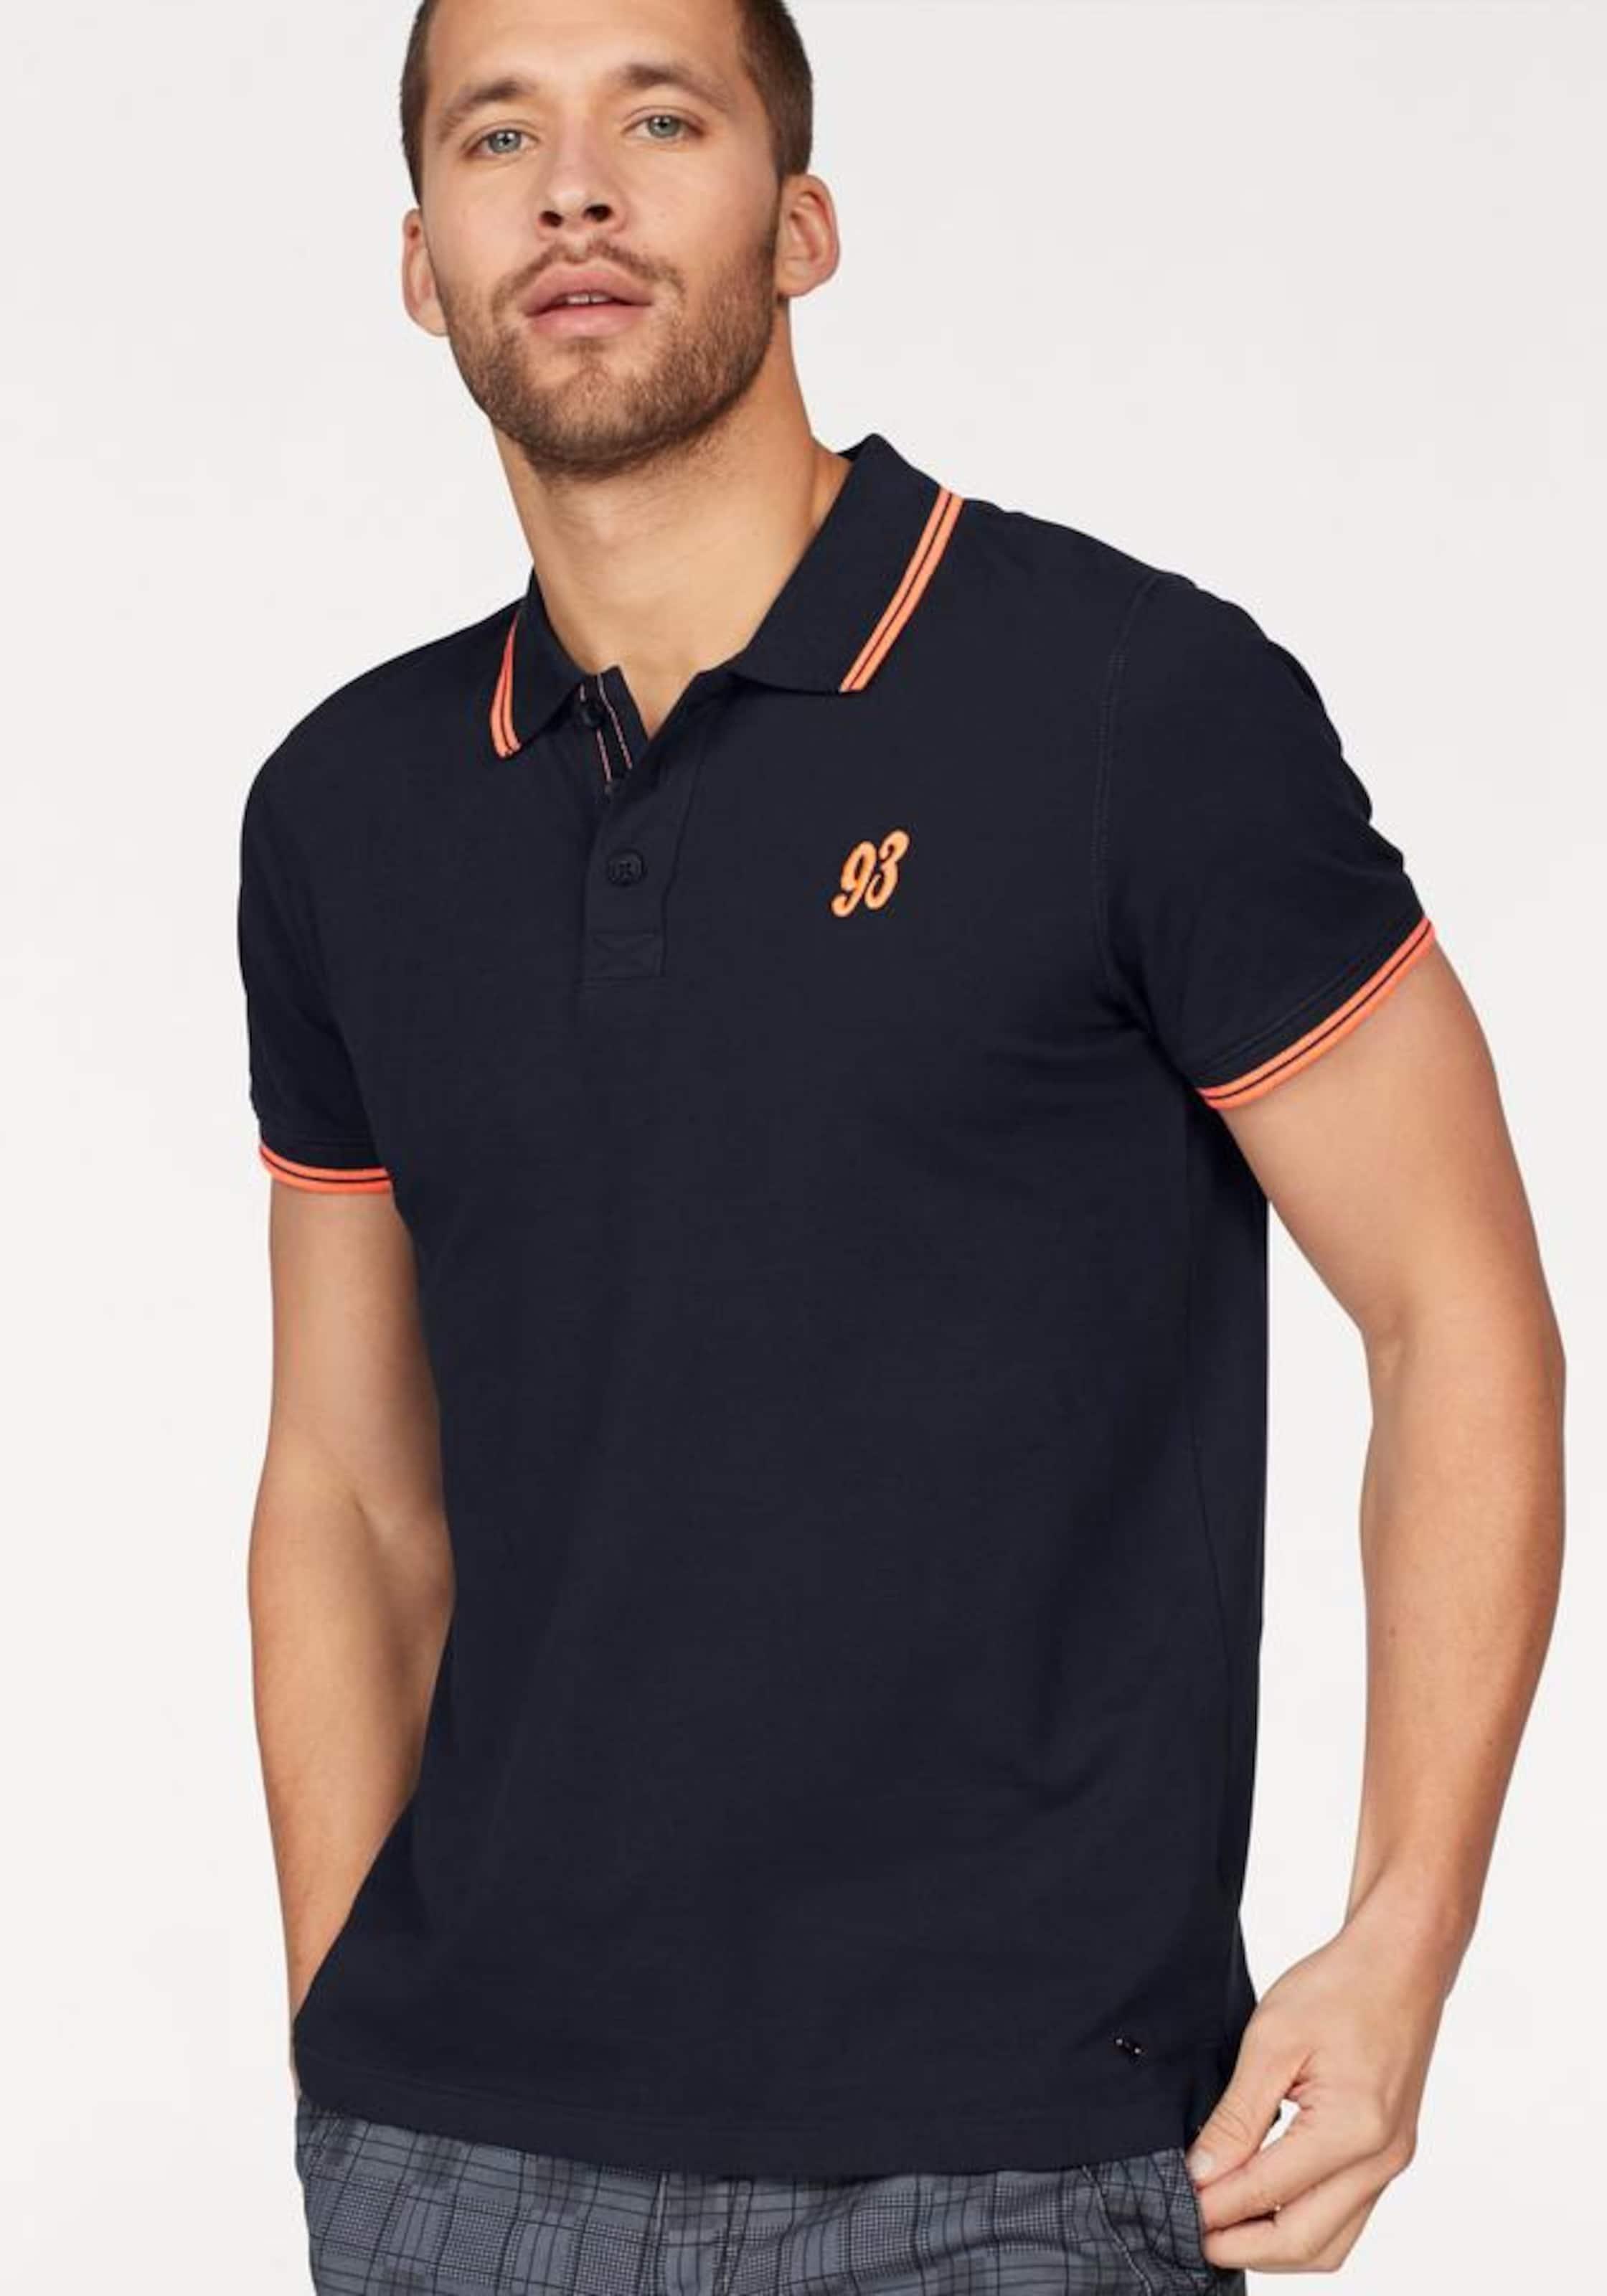 BRUNO BANANI Poloshirt Auslass Günstiger Preis Nicekicks Online Rabatt Top-Qualität Exklusiv Größte Lieferant Für Verkauf zvbyi8QRp